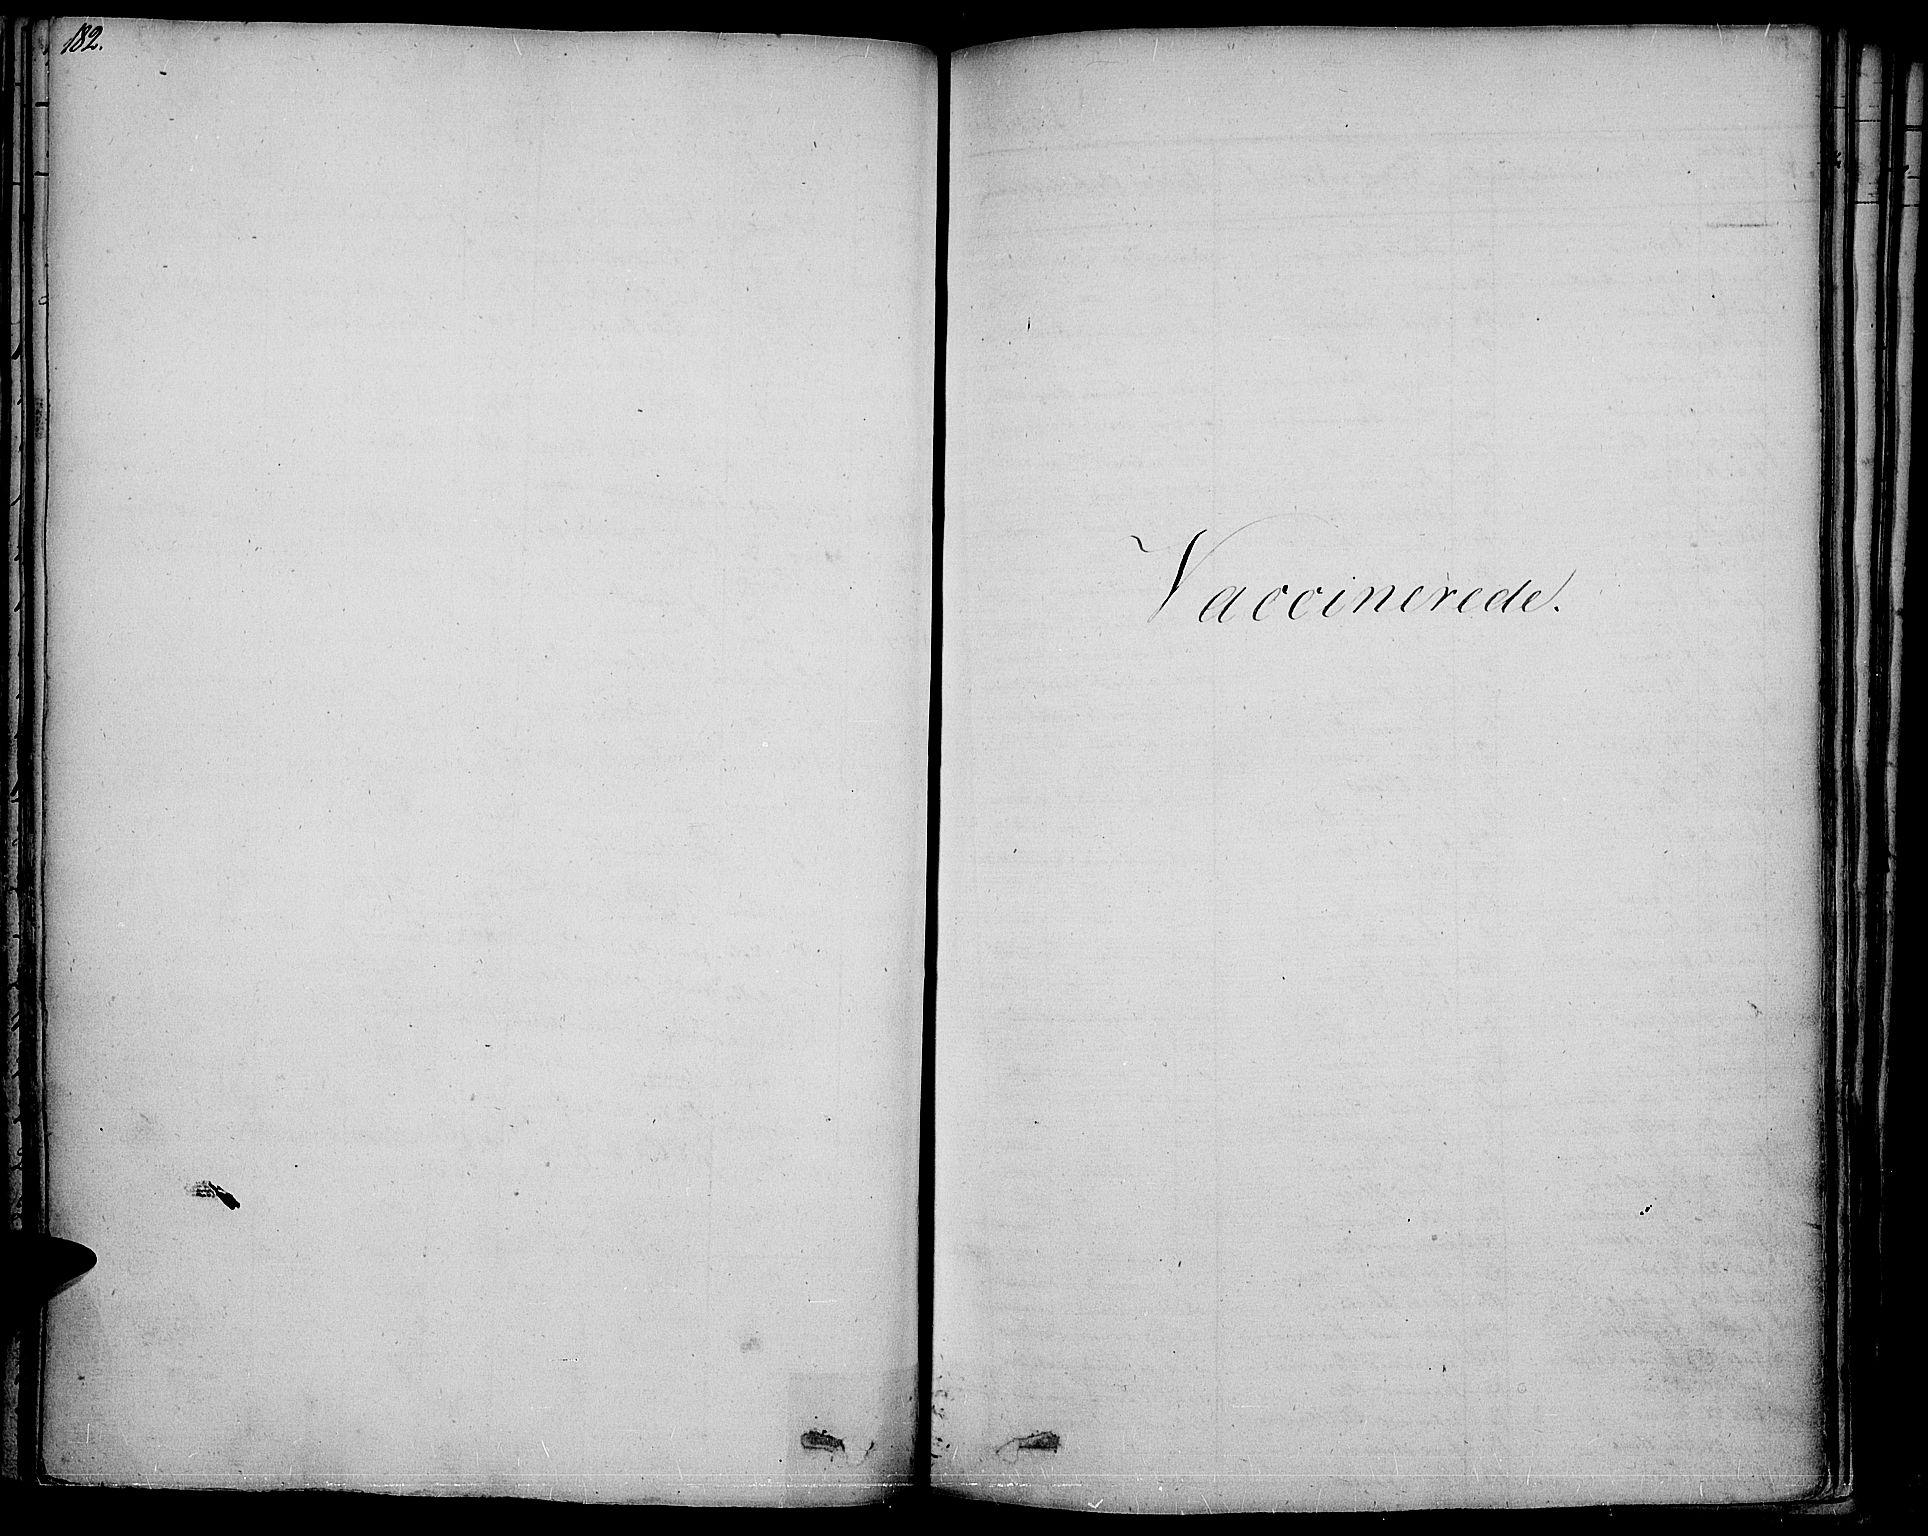 SAH, Vestre Toten prestekontor, Ministerialbok nr. 2, 1825-1837, s. 182